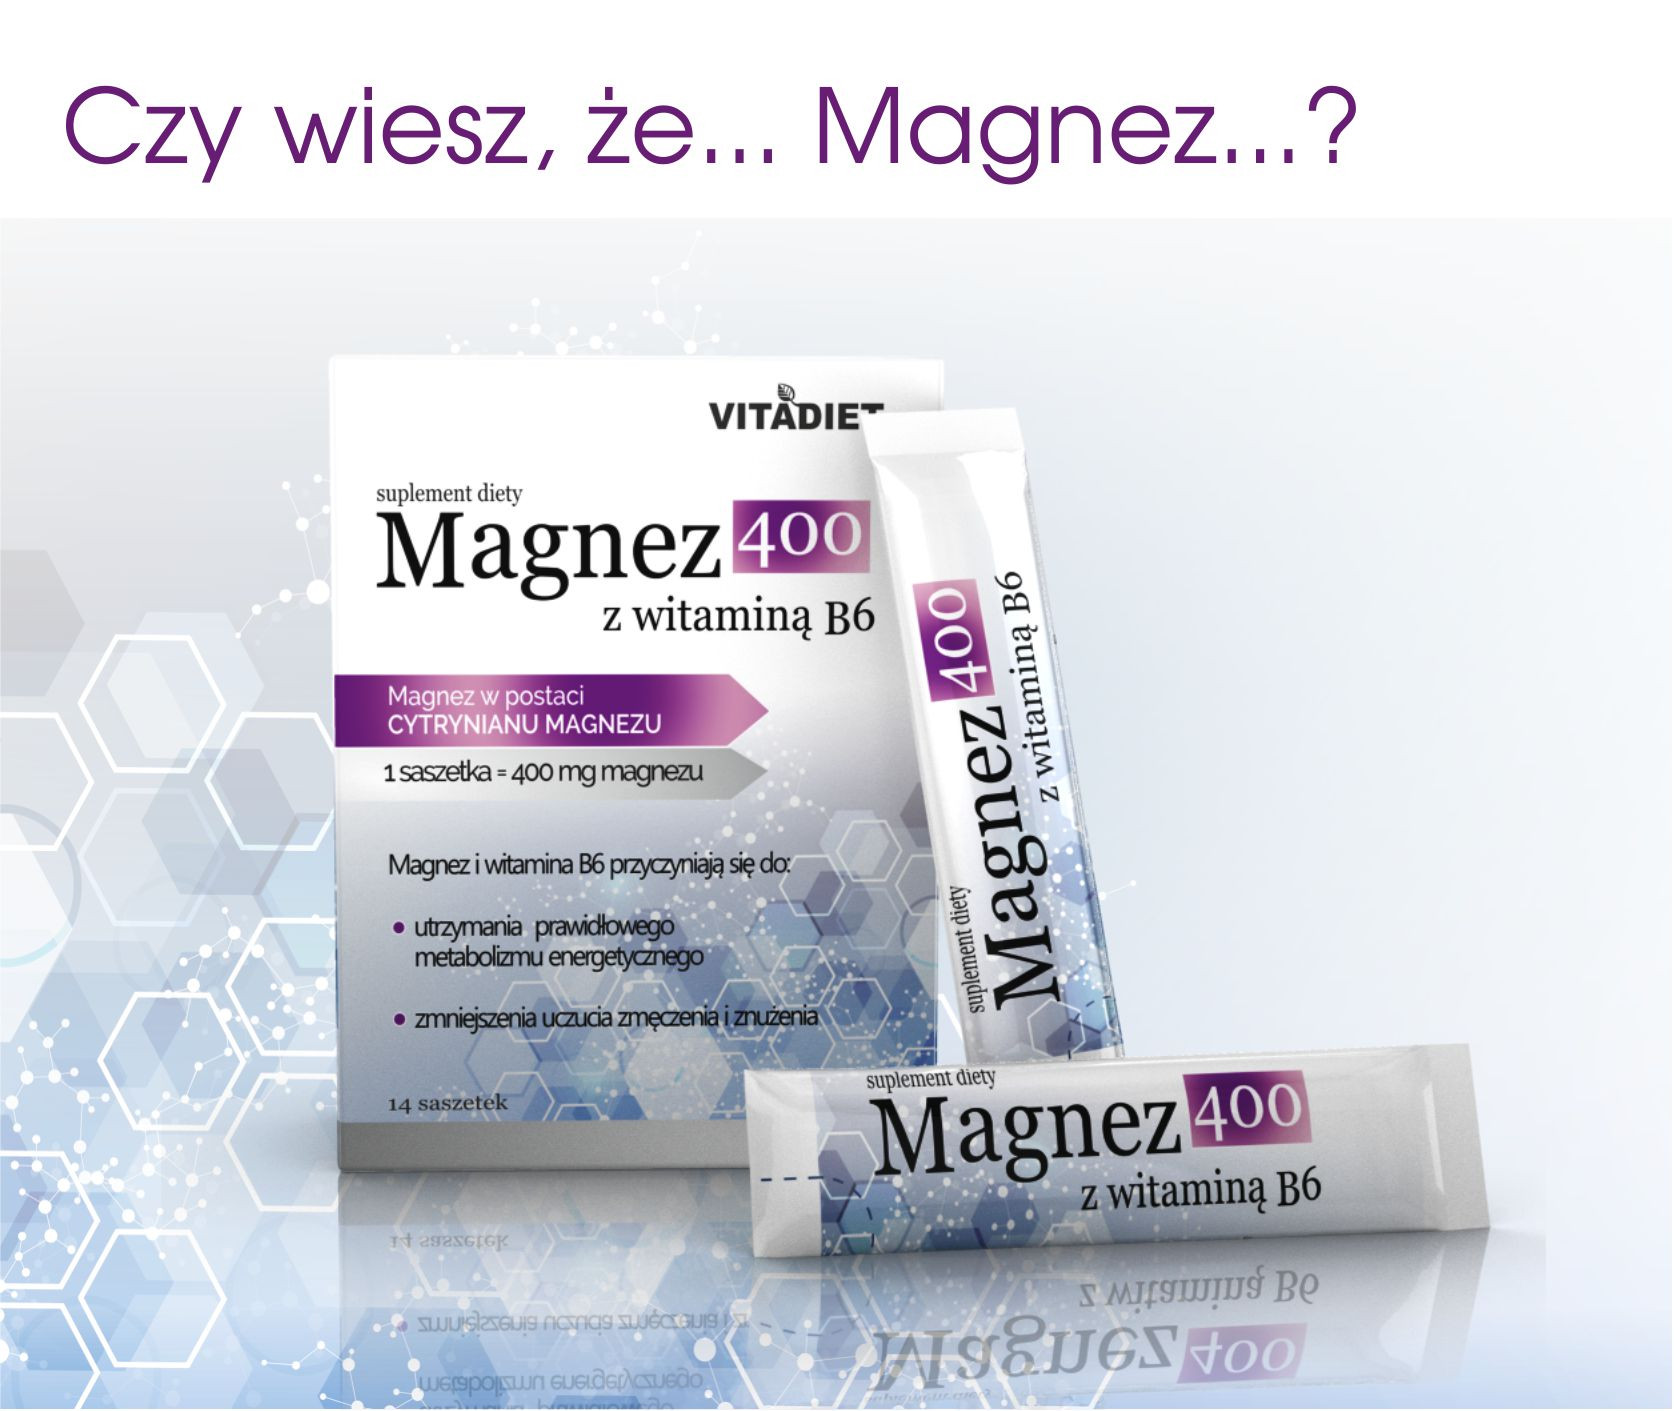 Czy wiesz, że Magnez...?